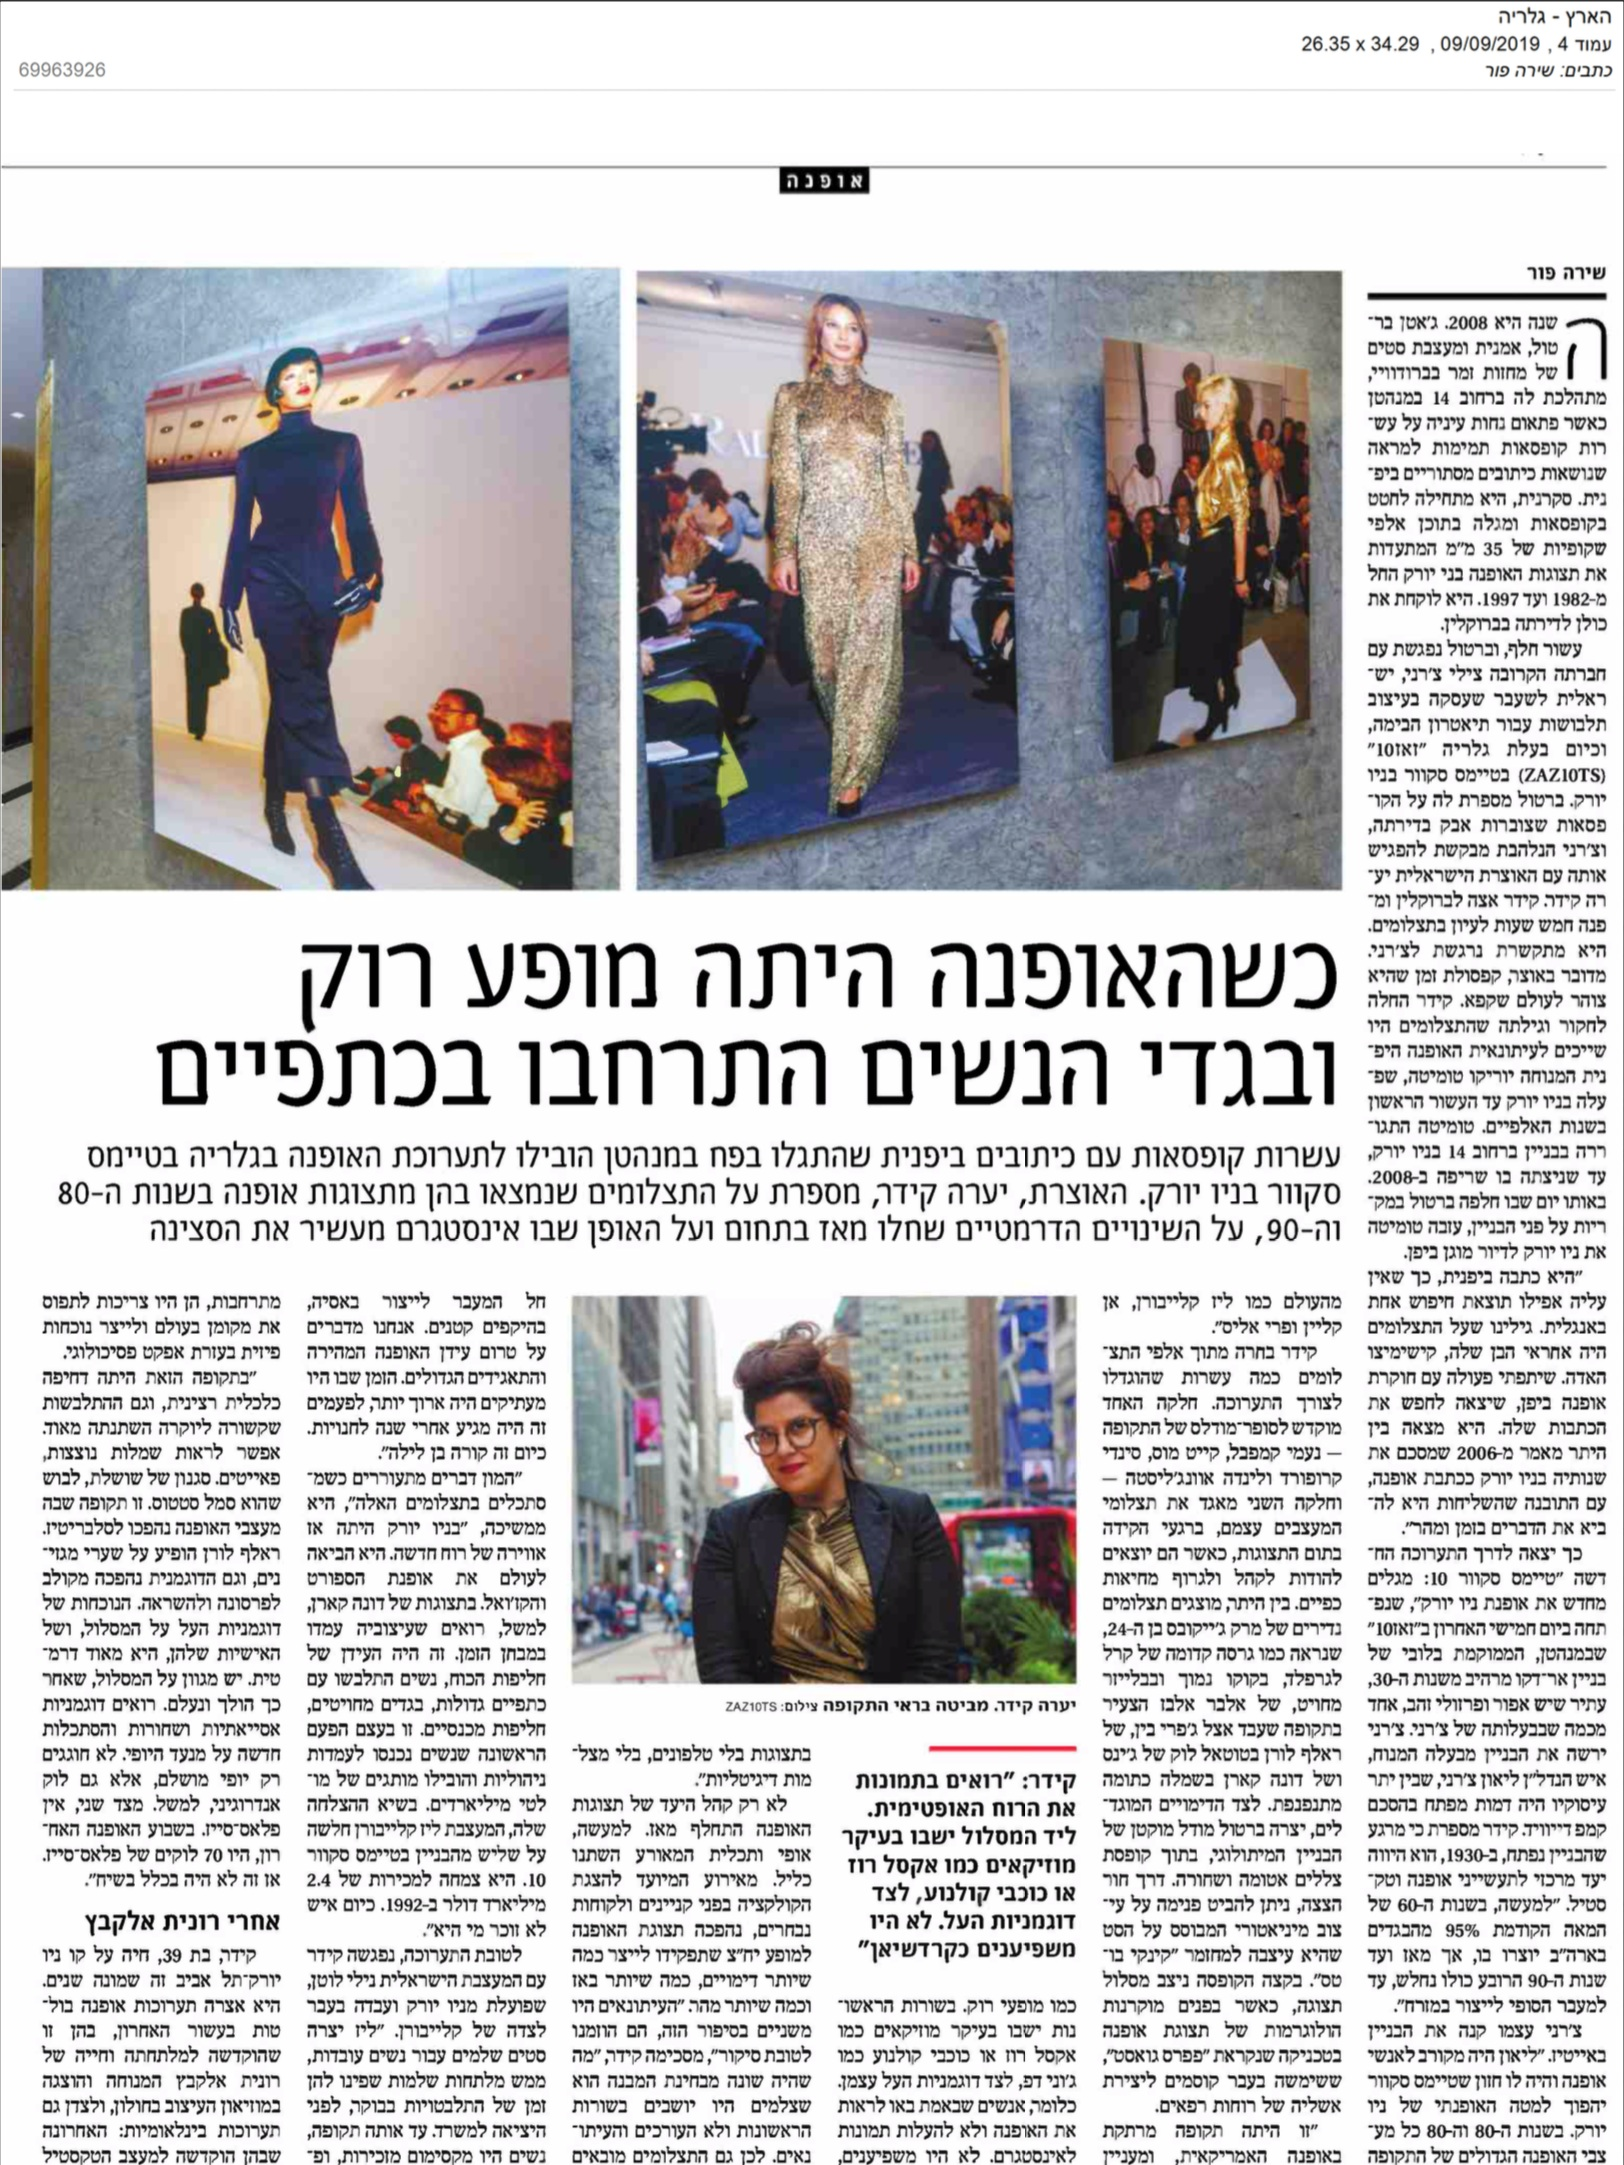 Haaretz |  PDF | Sept 09, 2019